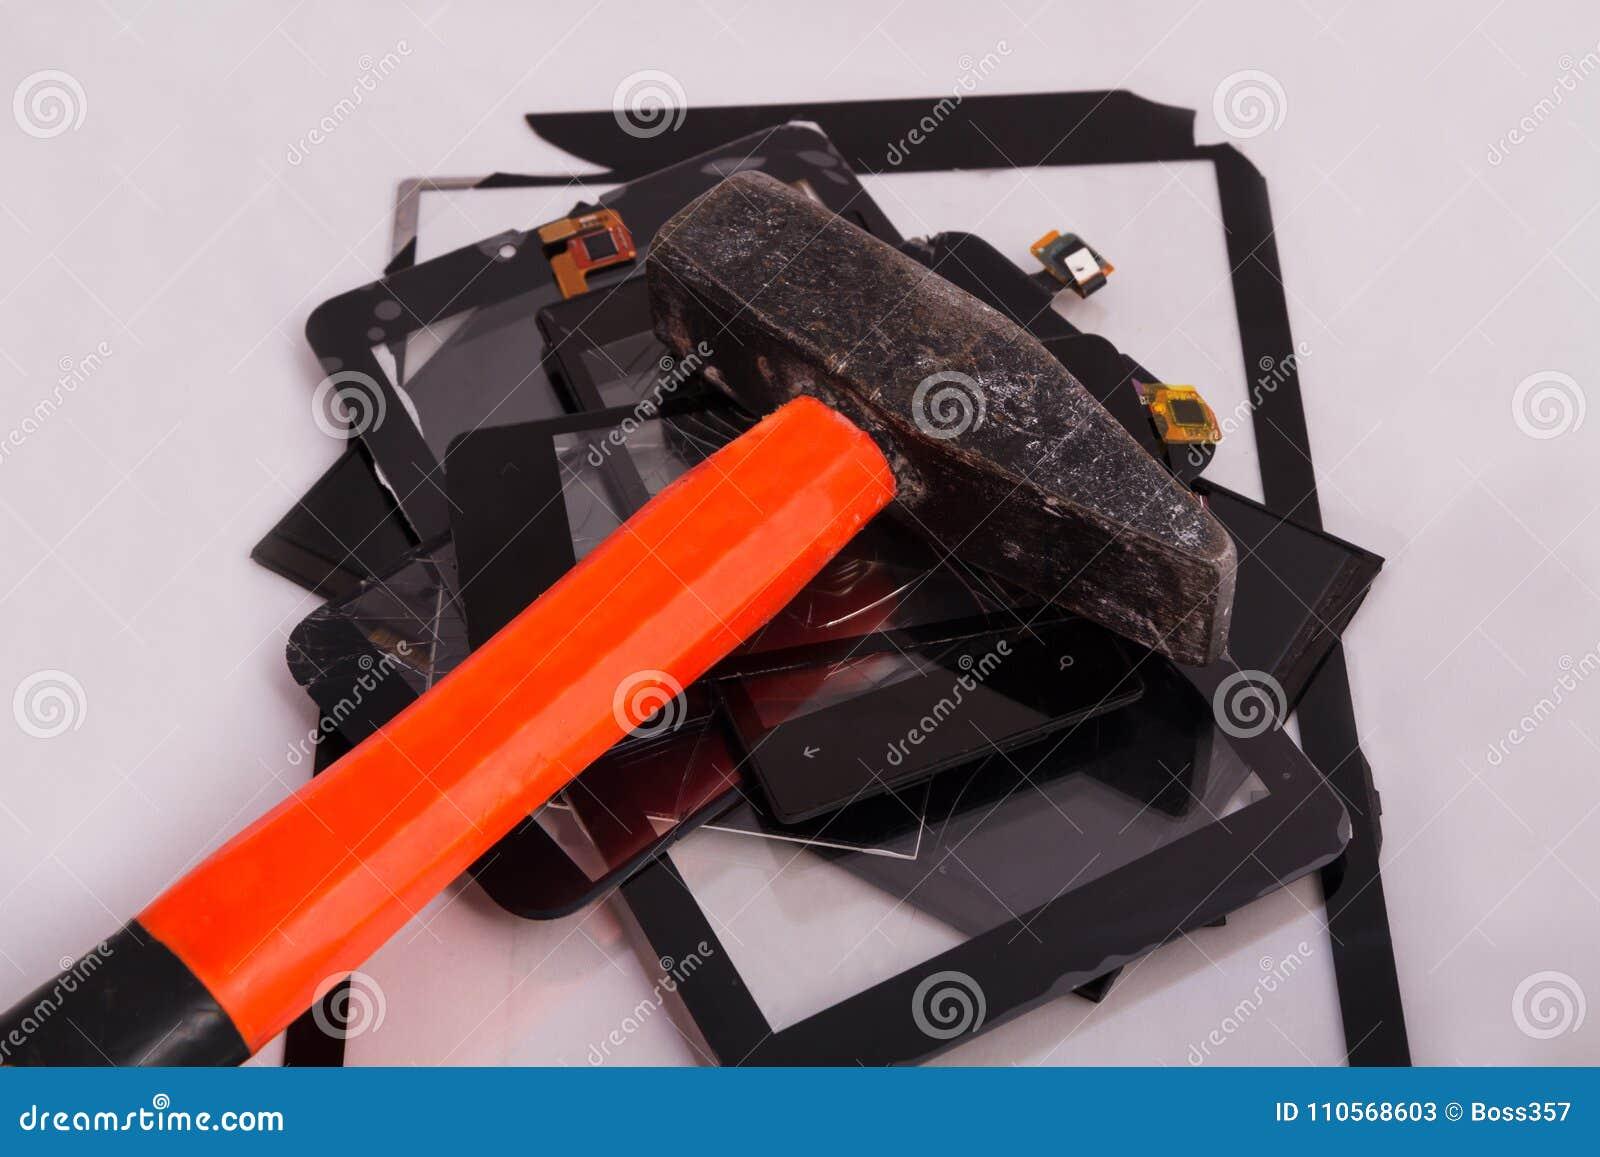 Οι σπασμένες οθόνες επαφής βρίσκονται μια δέσμη τους σε ένα σφυρί υπηρεσία για την επισκευή συσκευών Έννοια